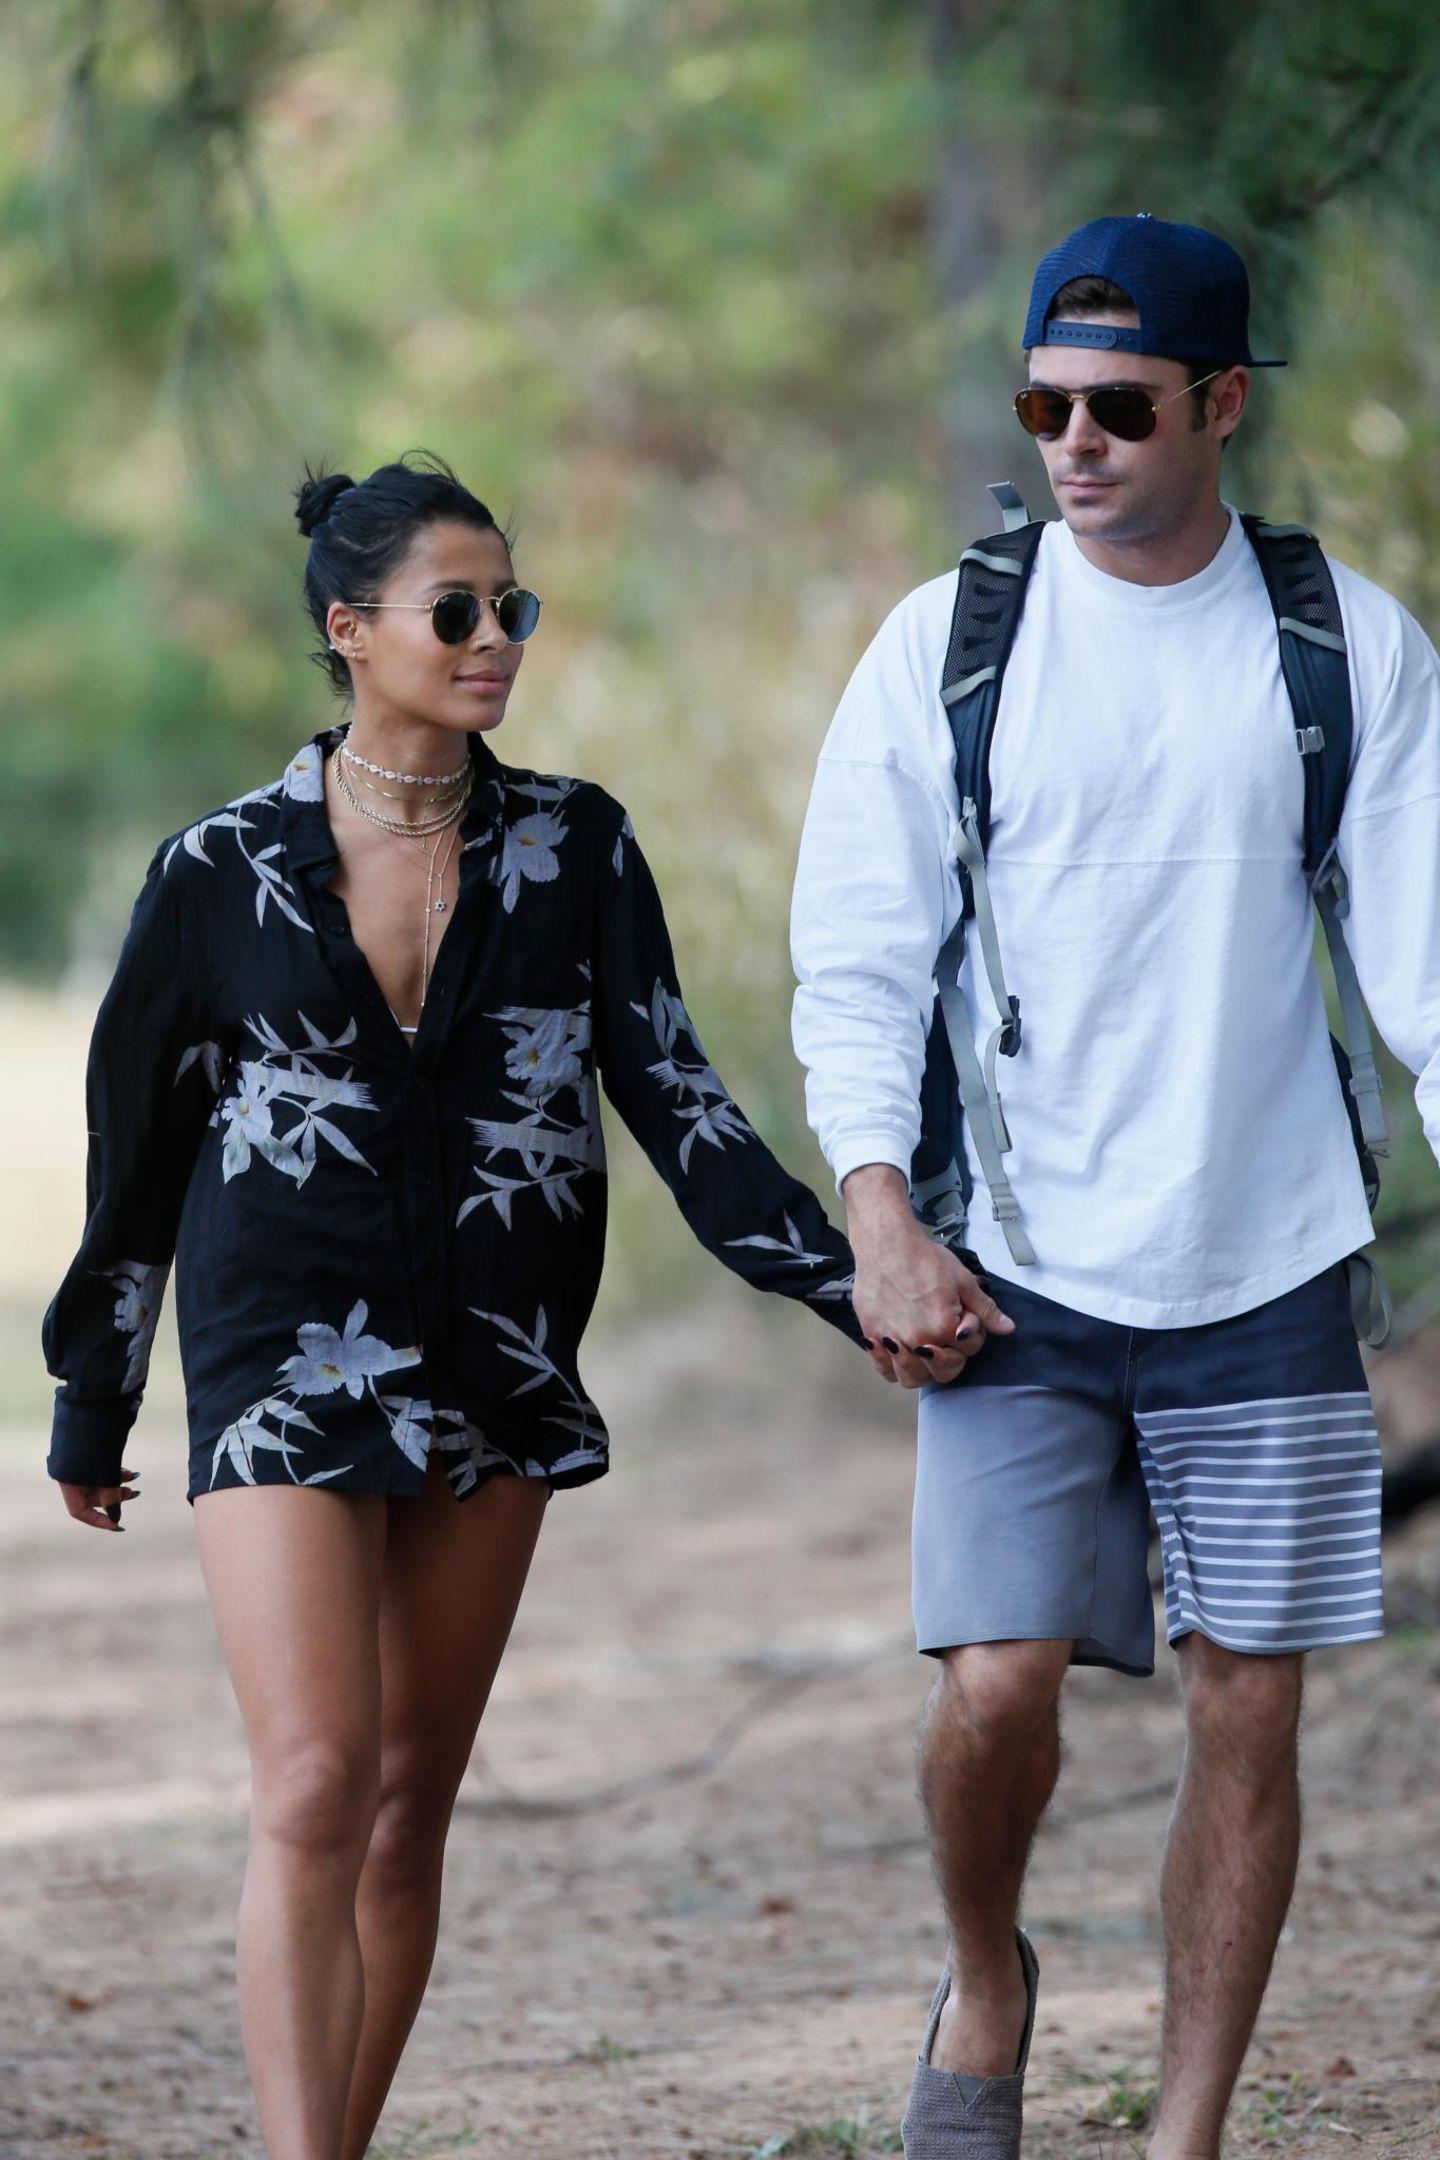 30. Mai 2015: Zac Efron und seien Freundin Sami Miró machen Urlaub auf Hawaii und gehen zusammen wandern.